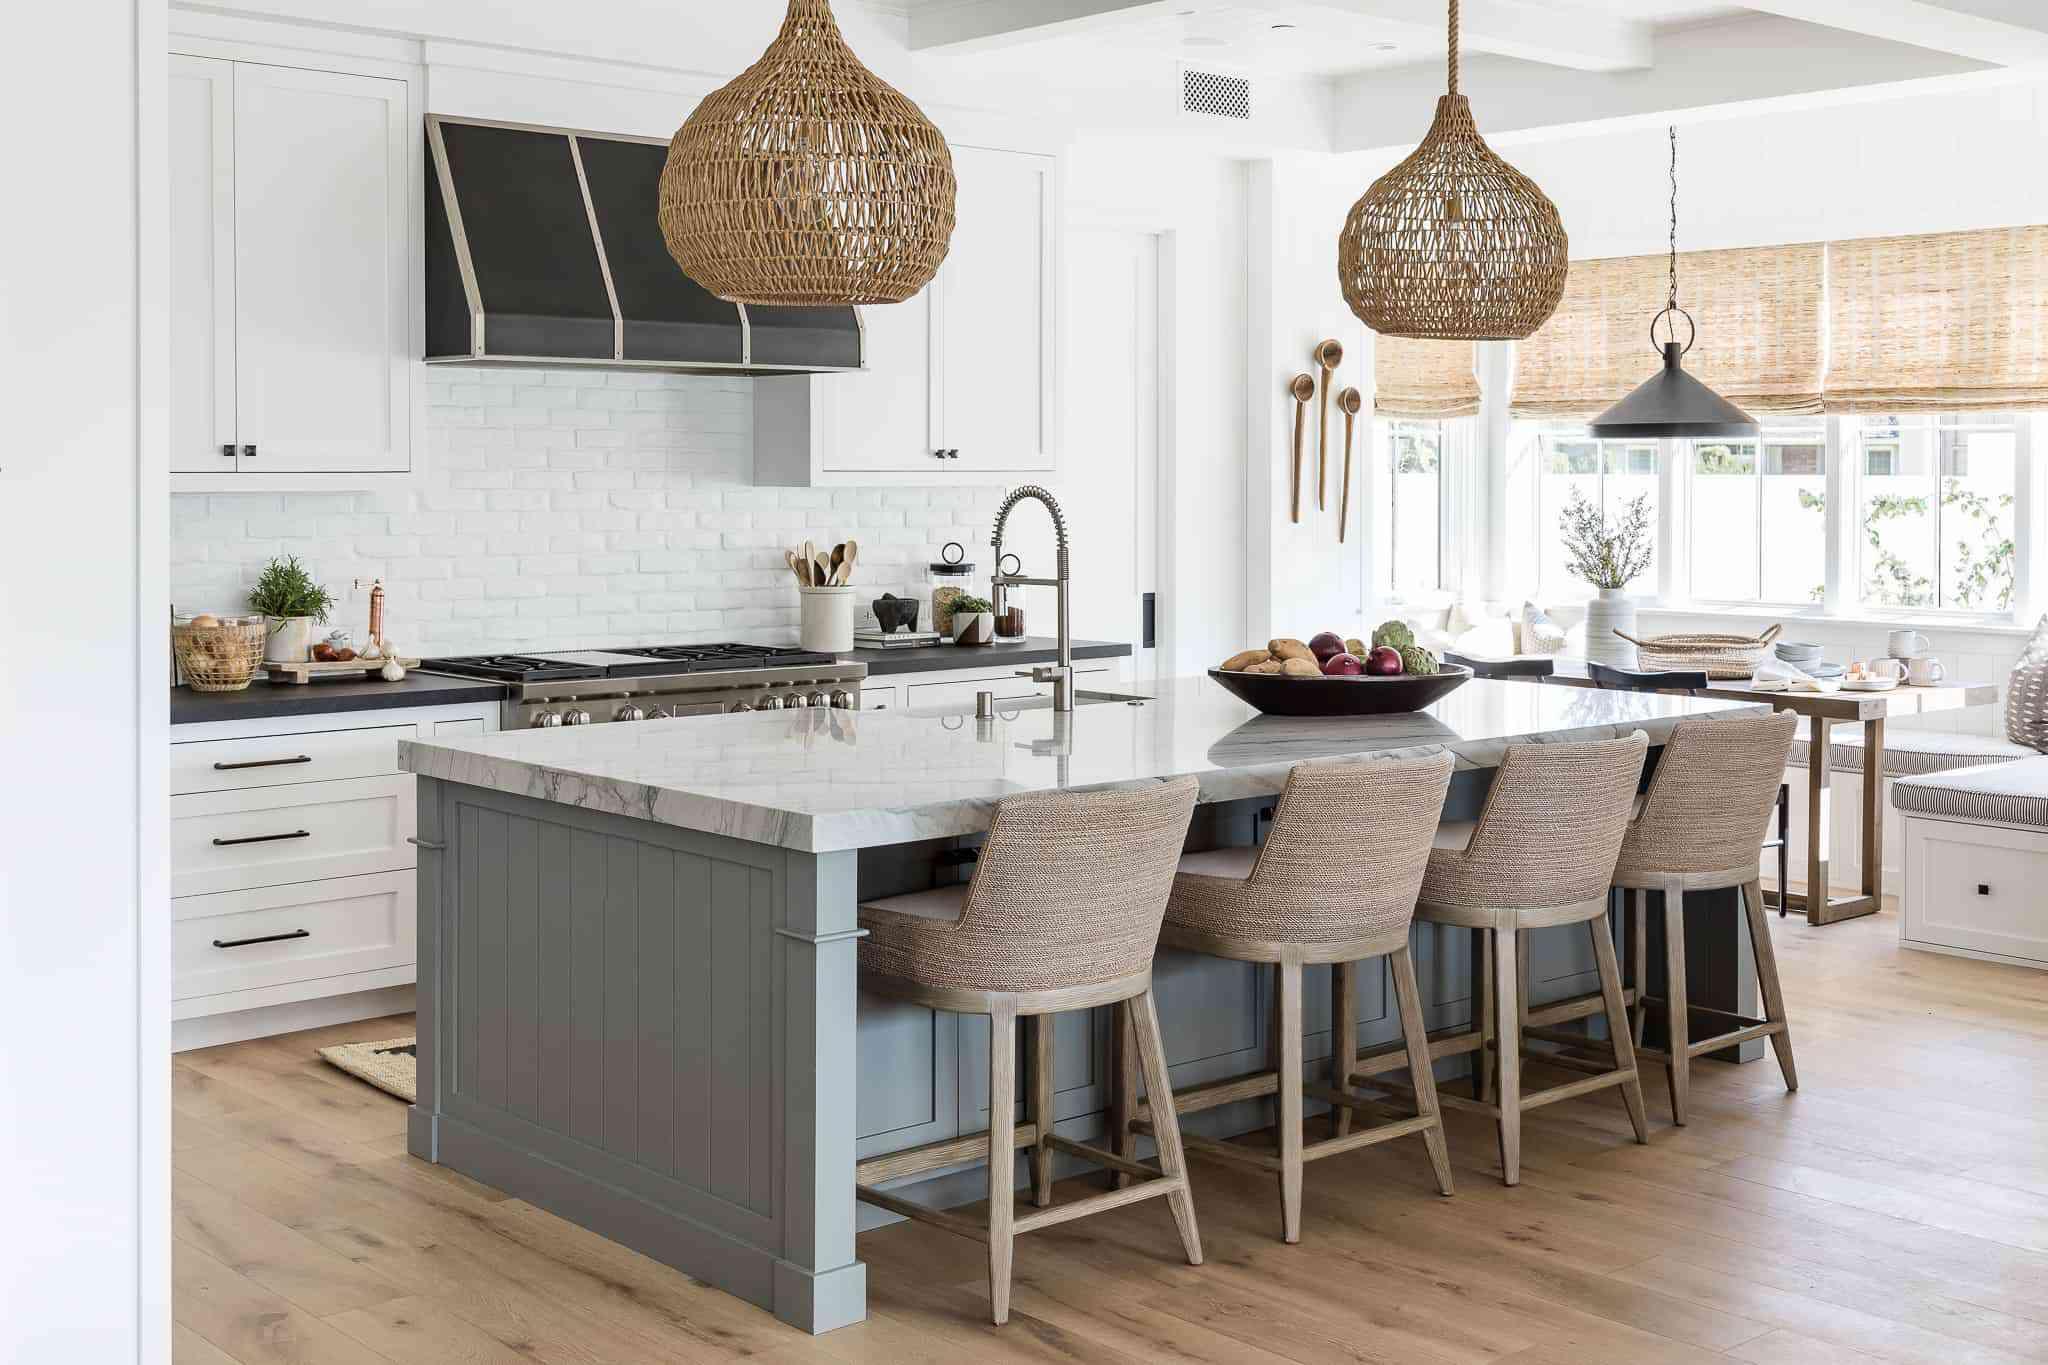 kitchen with white painted brick backsplash